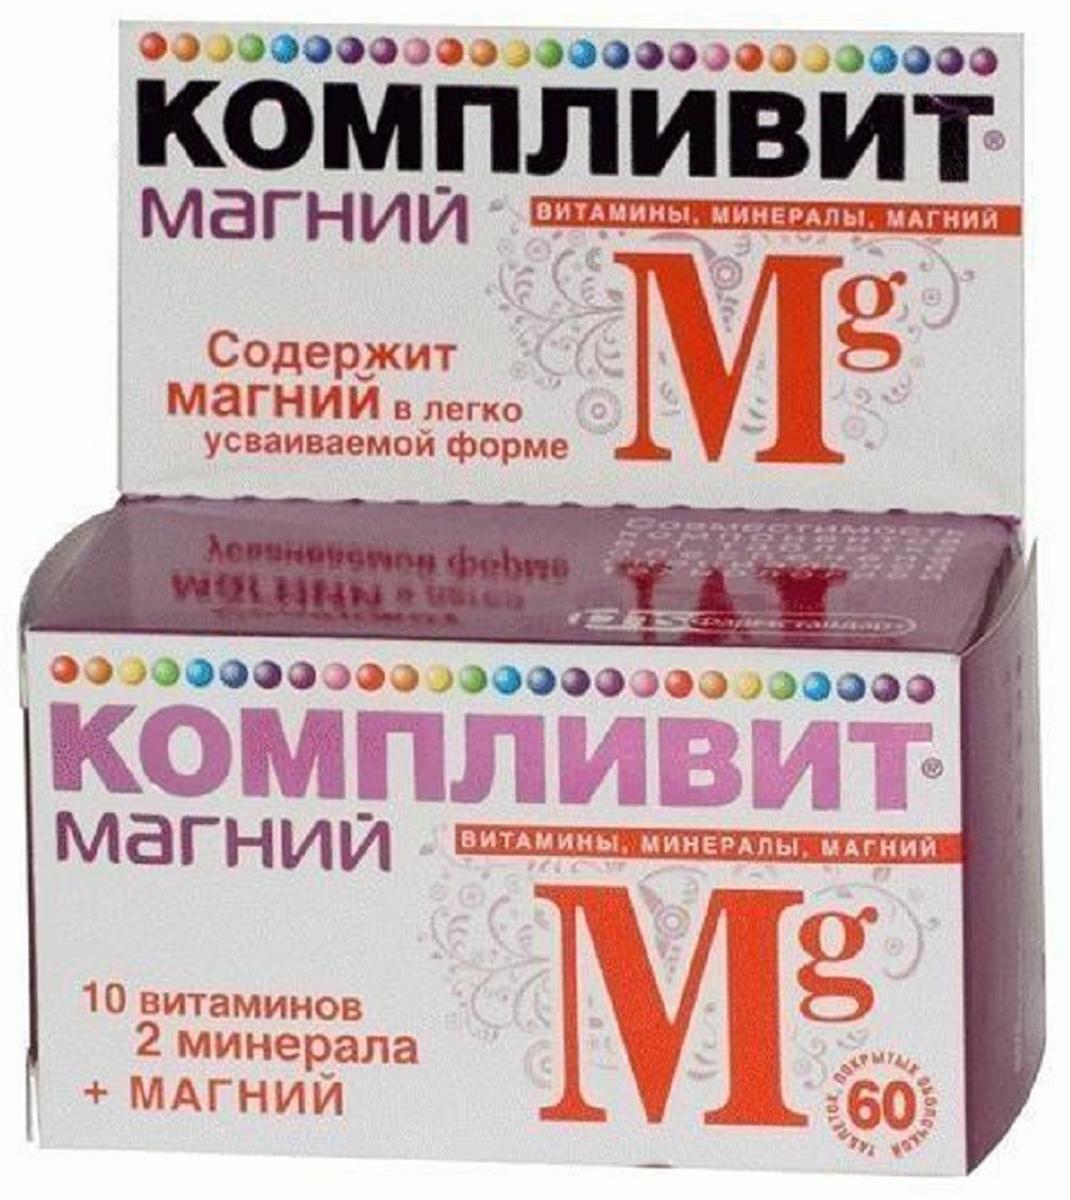 Компливит Магний таблетки №6039854Рекомендуется в качестве биологически активной добавки к пище – дополнительного источника витаминов: А, С, Е, группы В (В1, В2, В6, В12, кальция пантотената), фолиевой кислоты, никотинамида, минеральных элементов: меди, цинка, магния. Сфера применения: ВитаминологияМакро- и микроэлементы